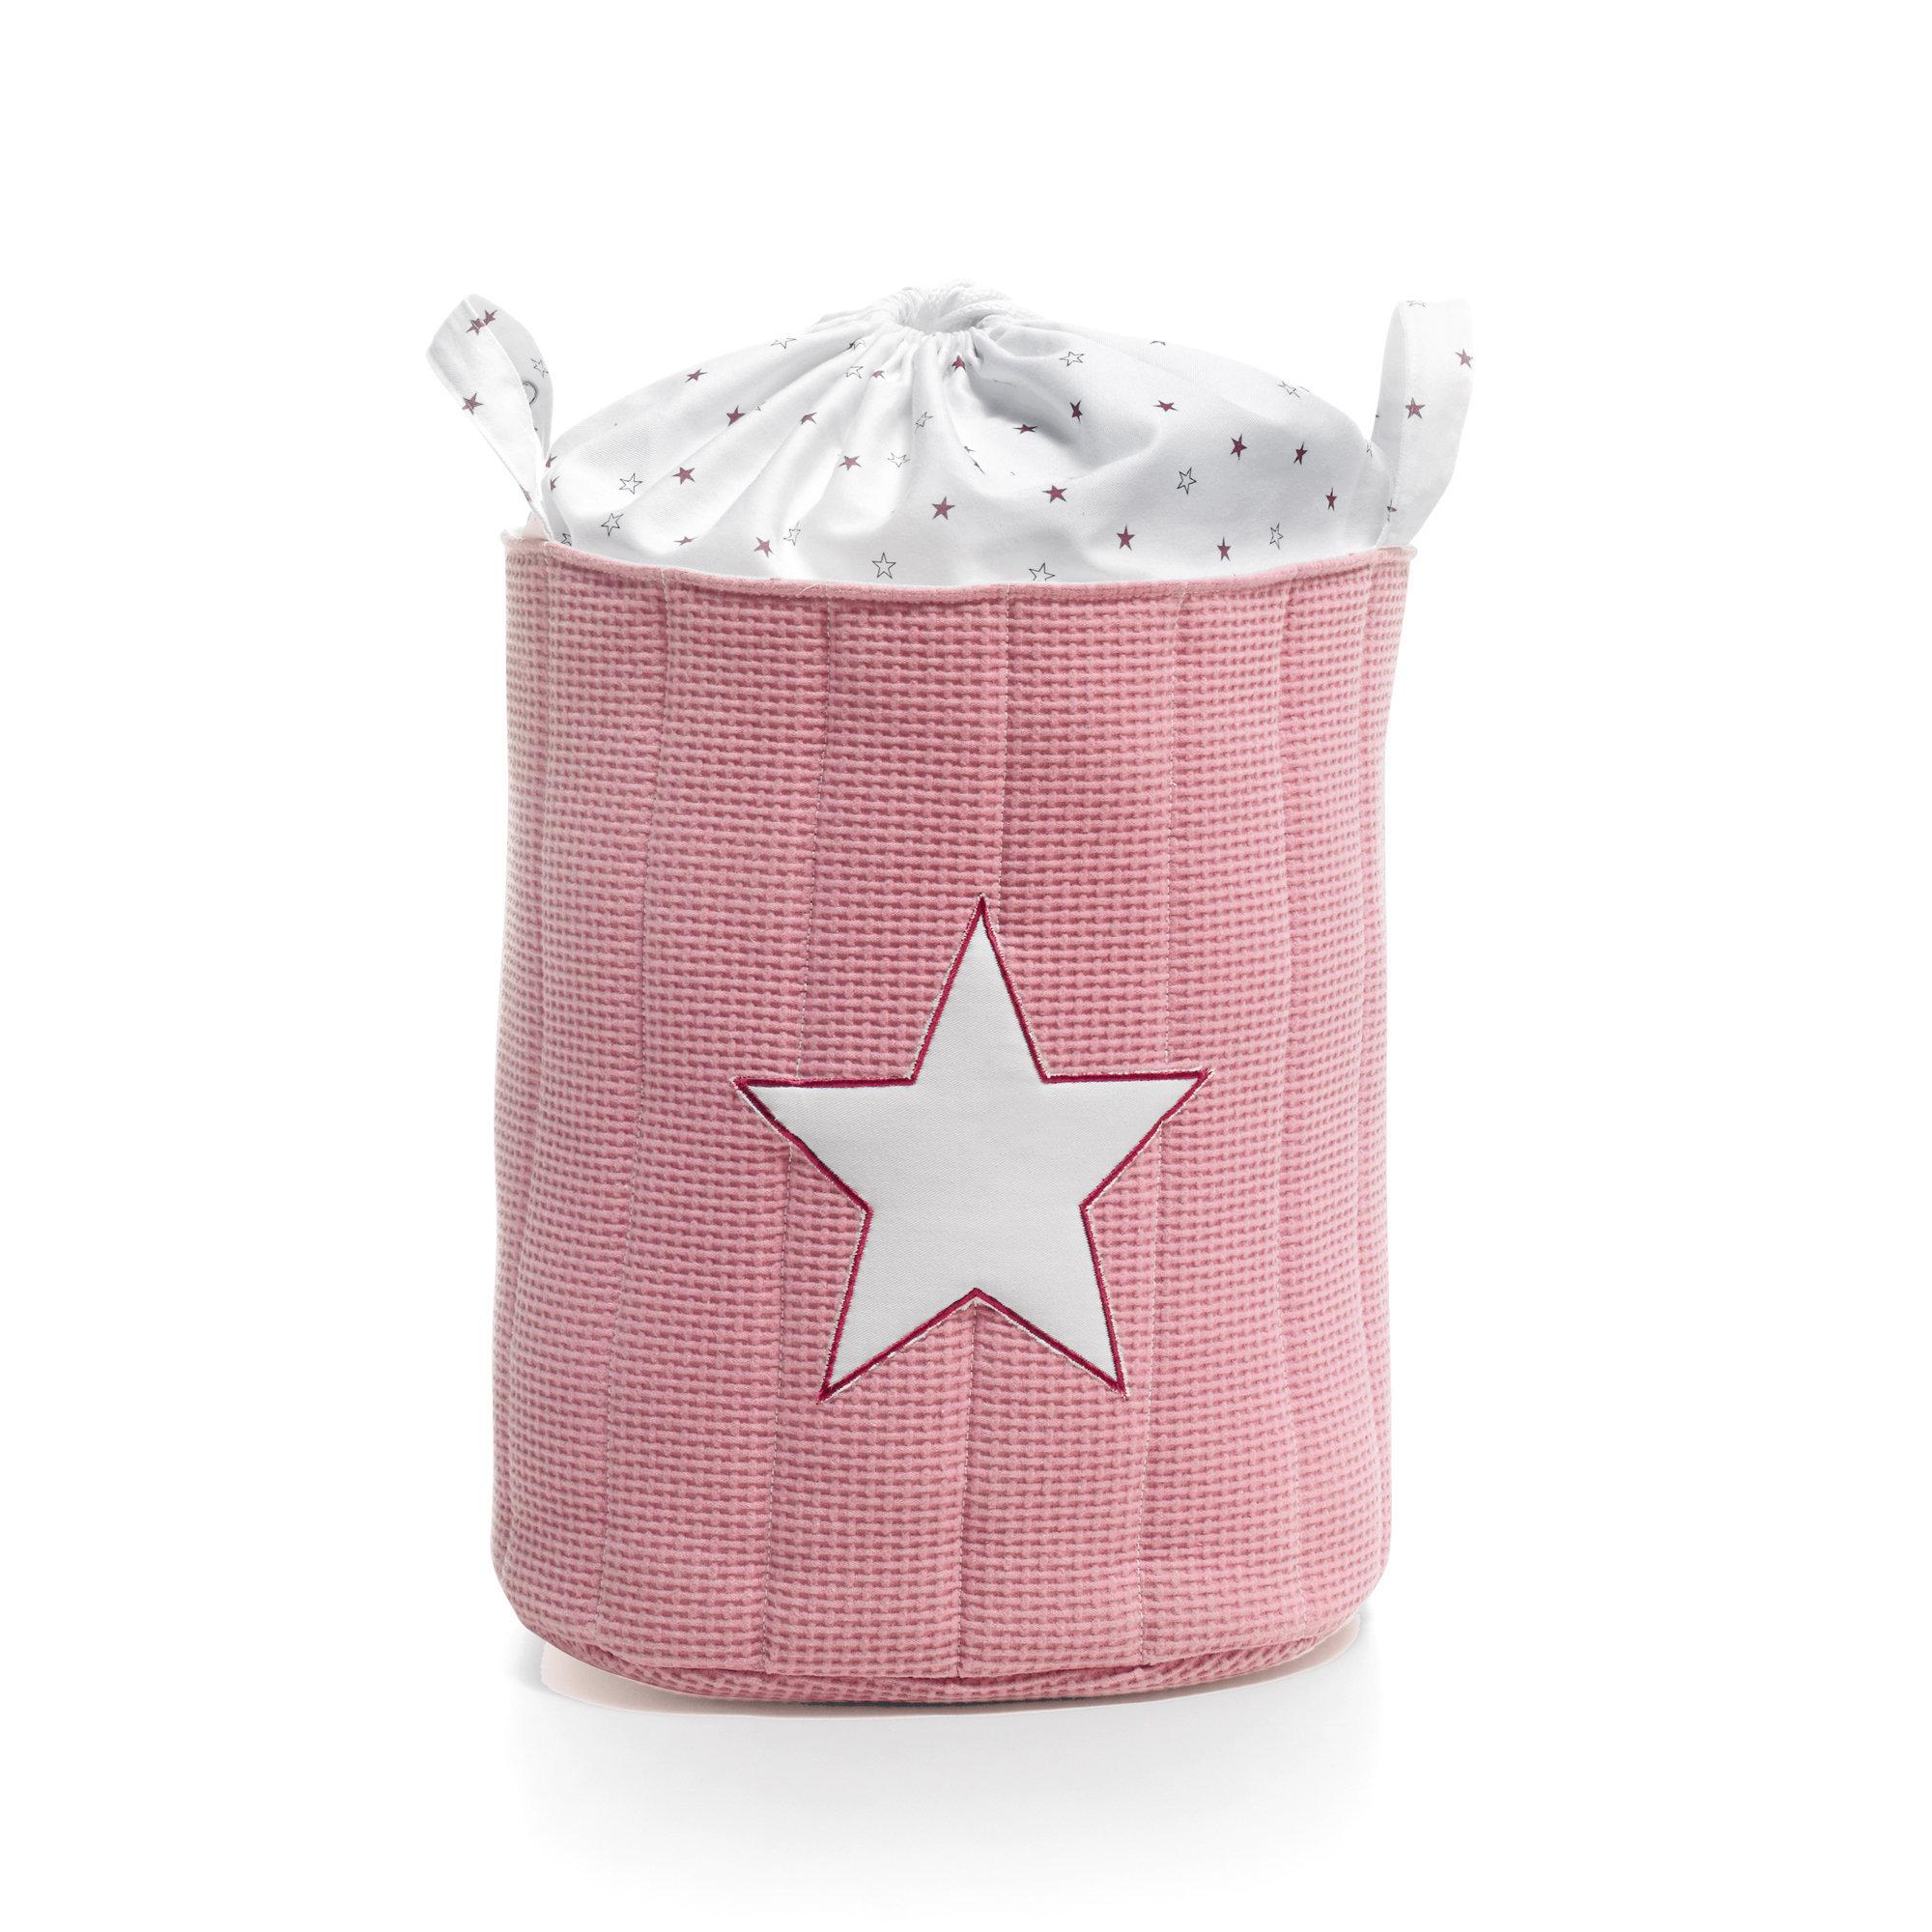 Saco infantil para guardar juguetes color rosad